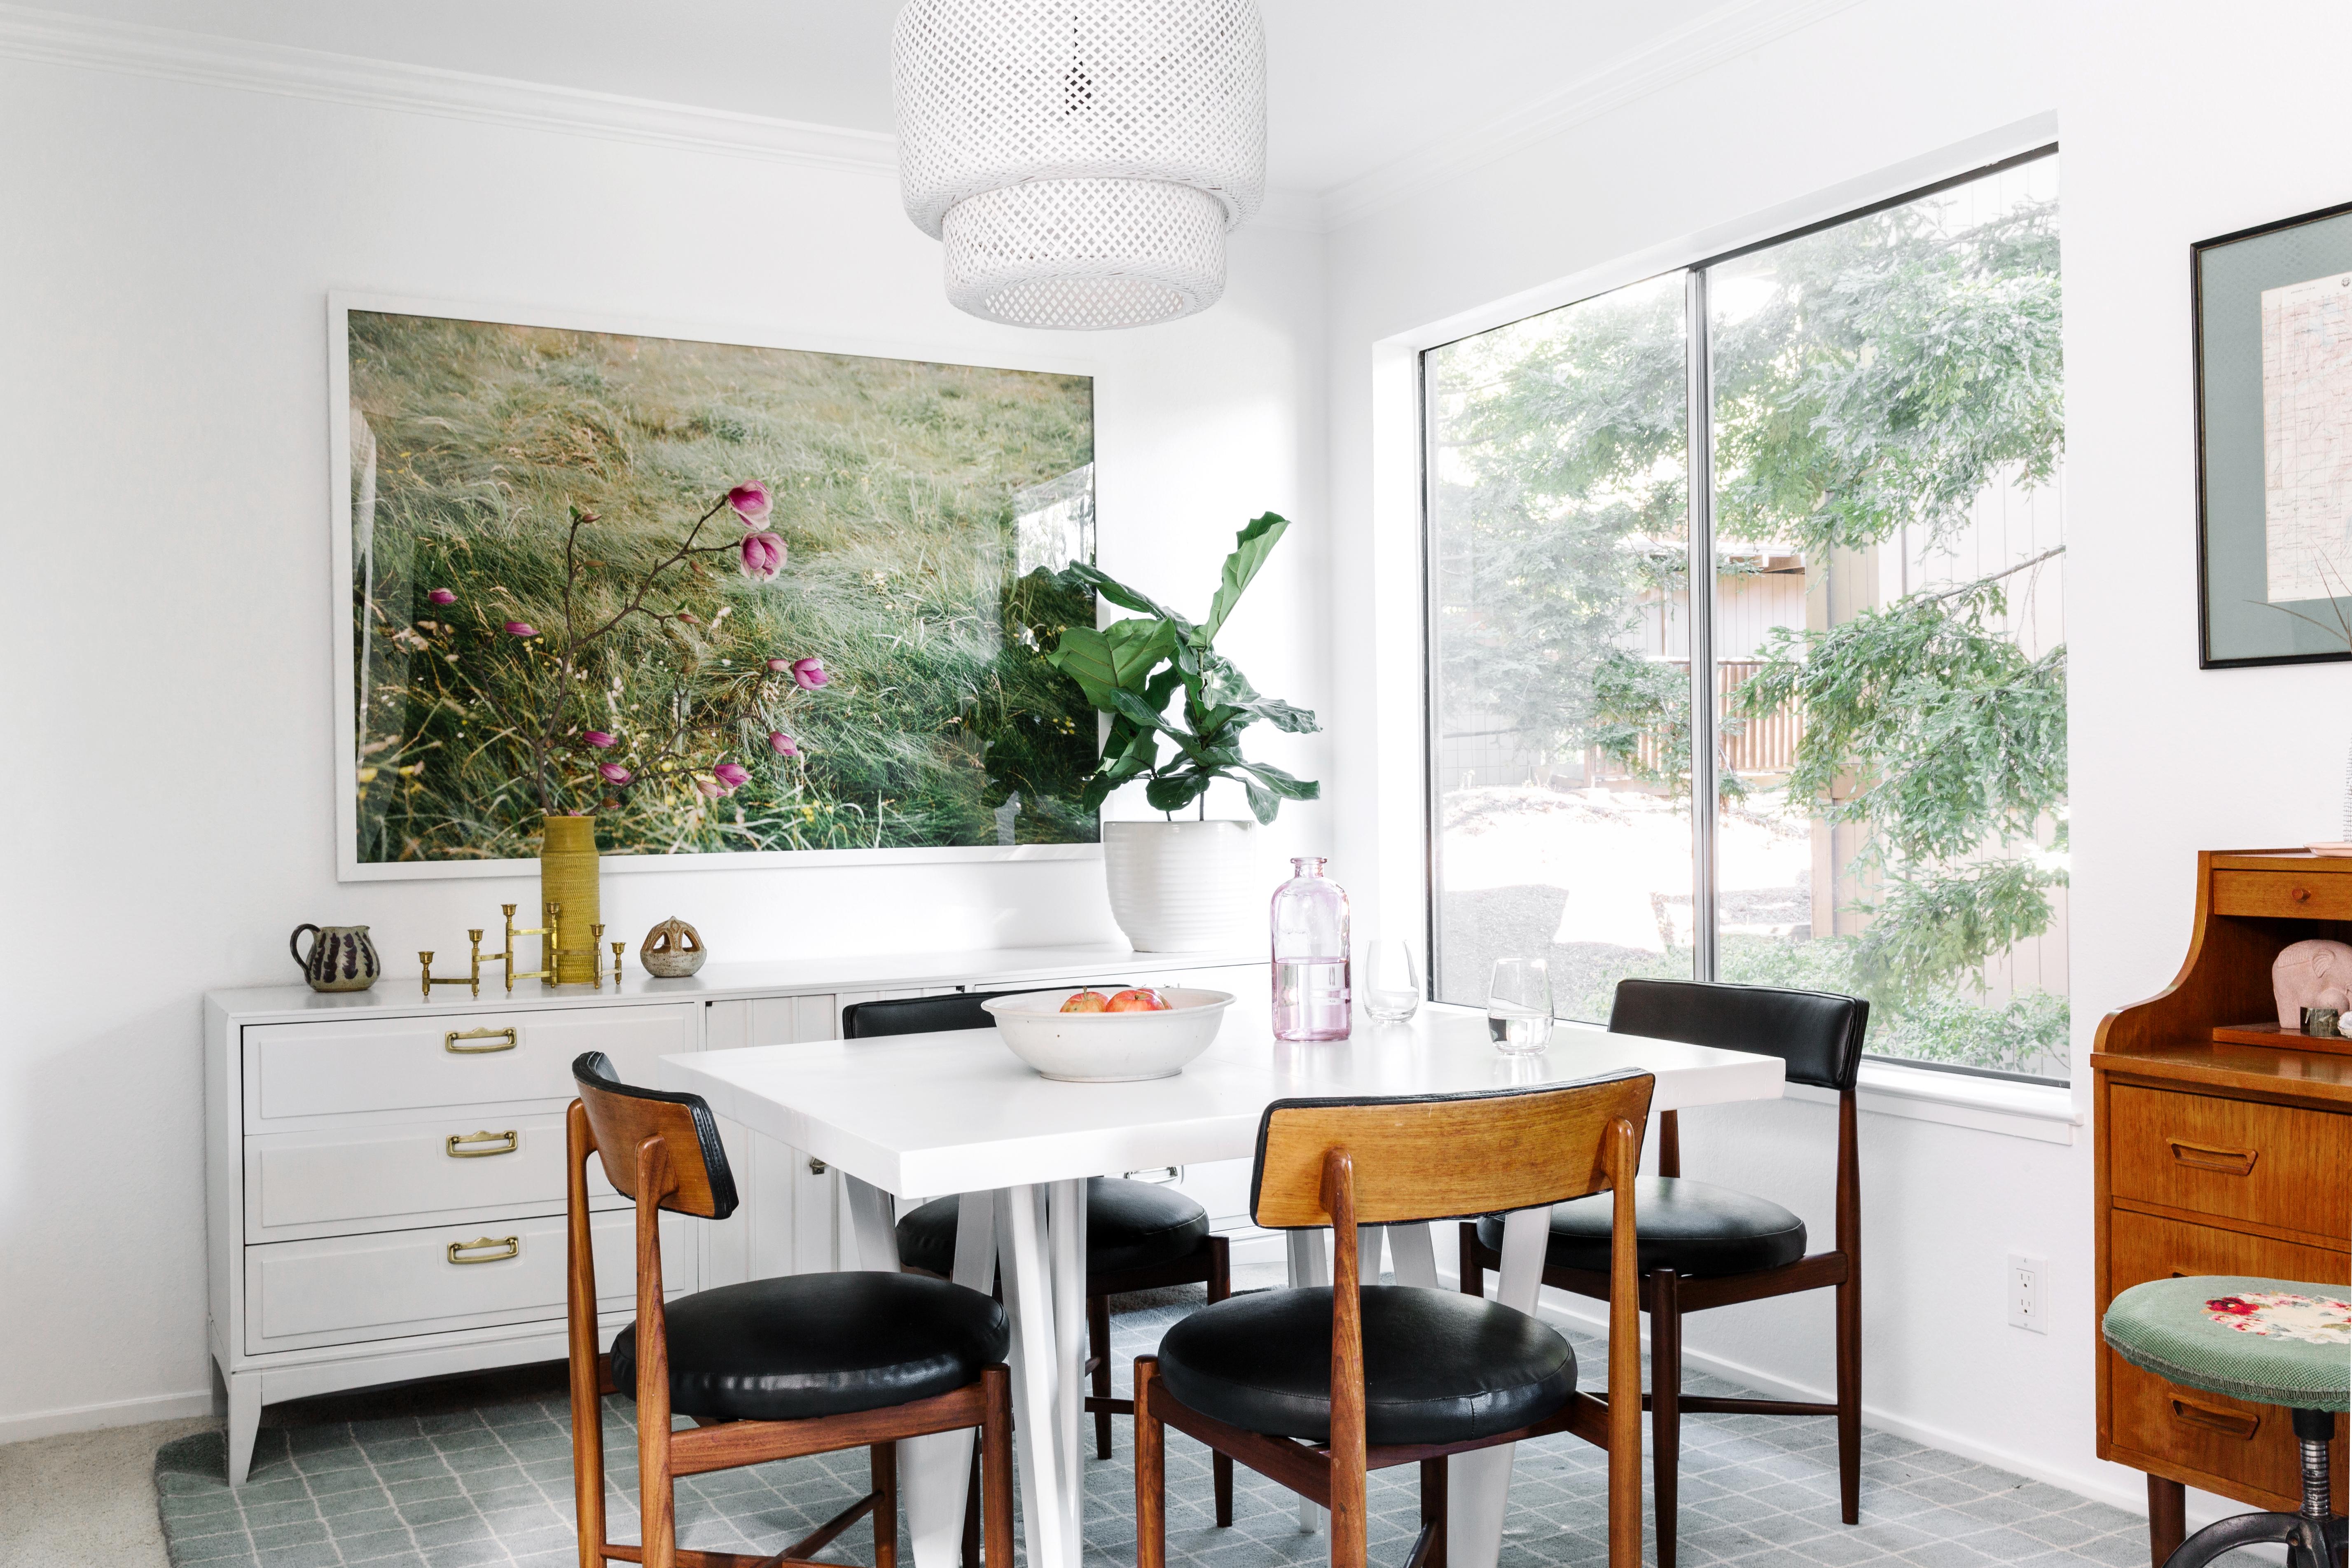 Contemporary Home Makeover Ideas Frieze - Home Decorating ...